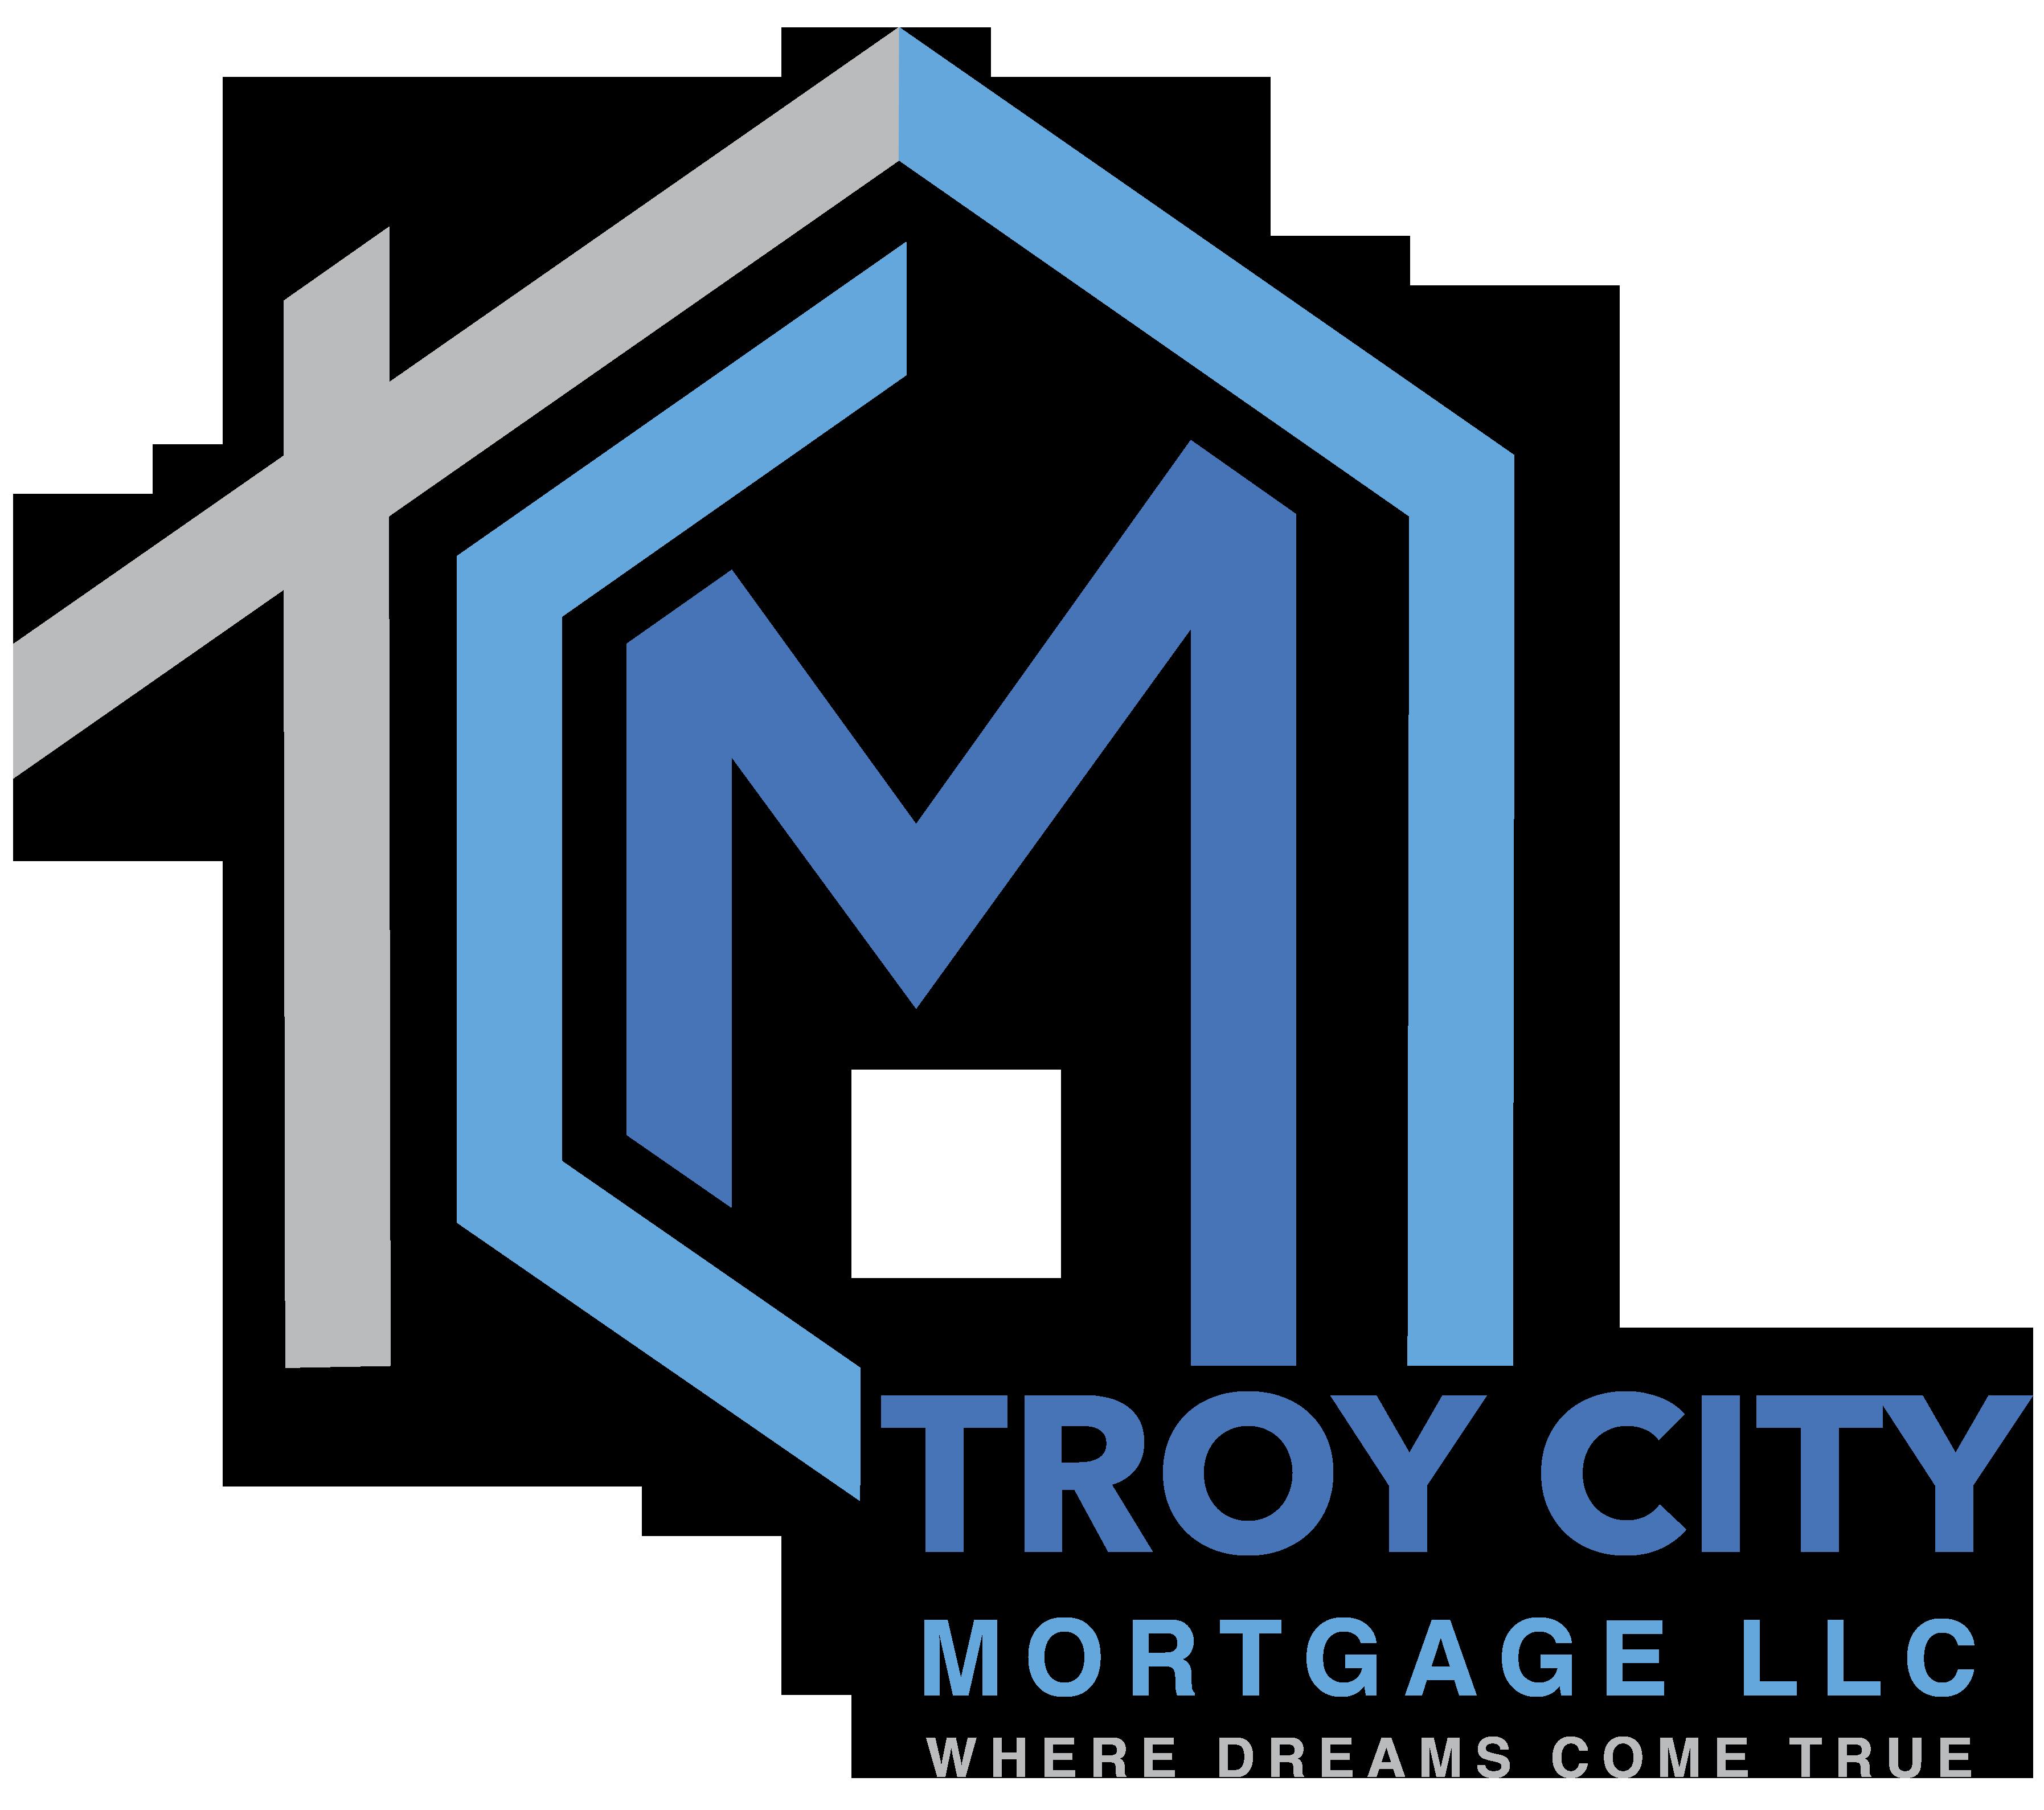 Troy City Mortgage LLC